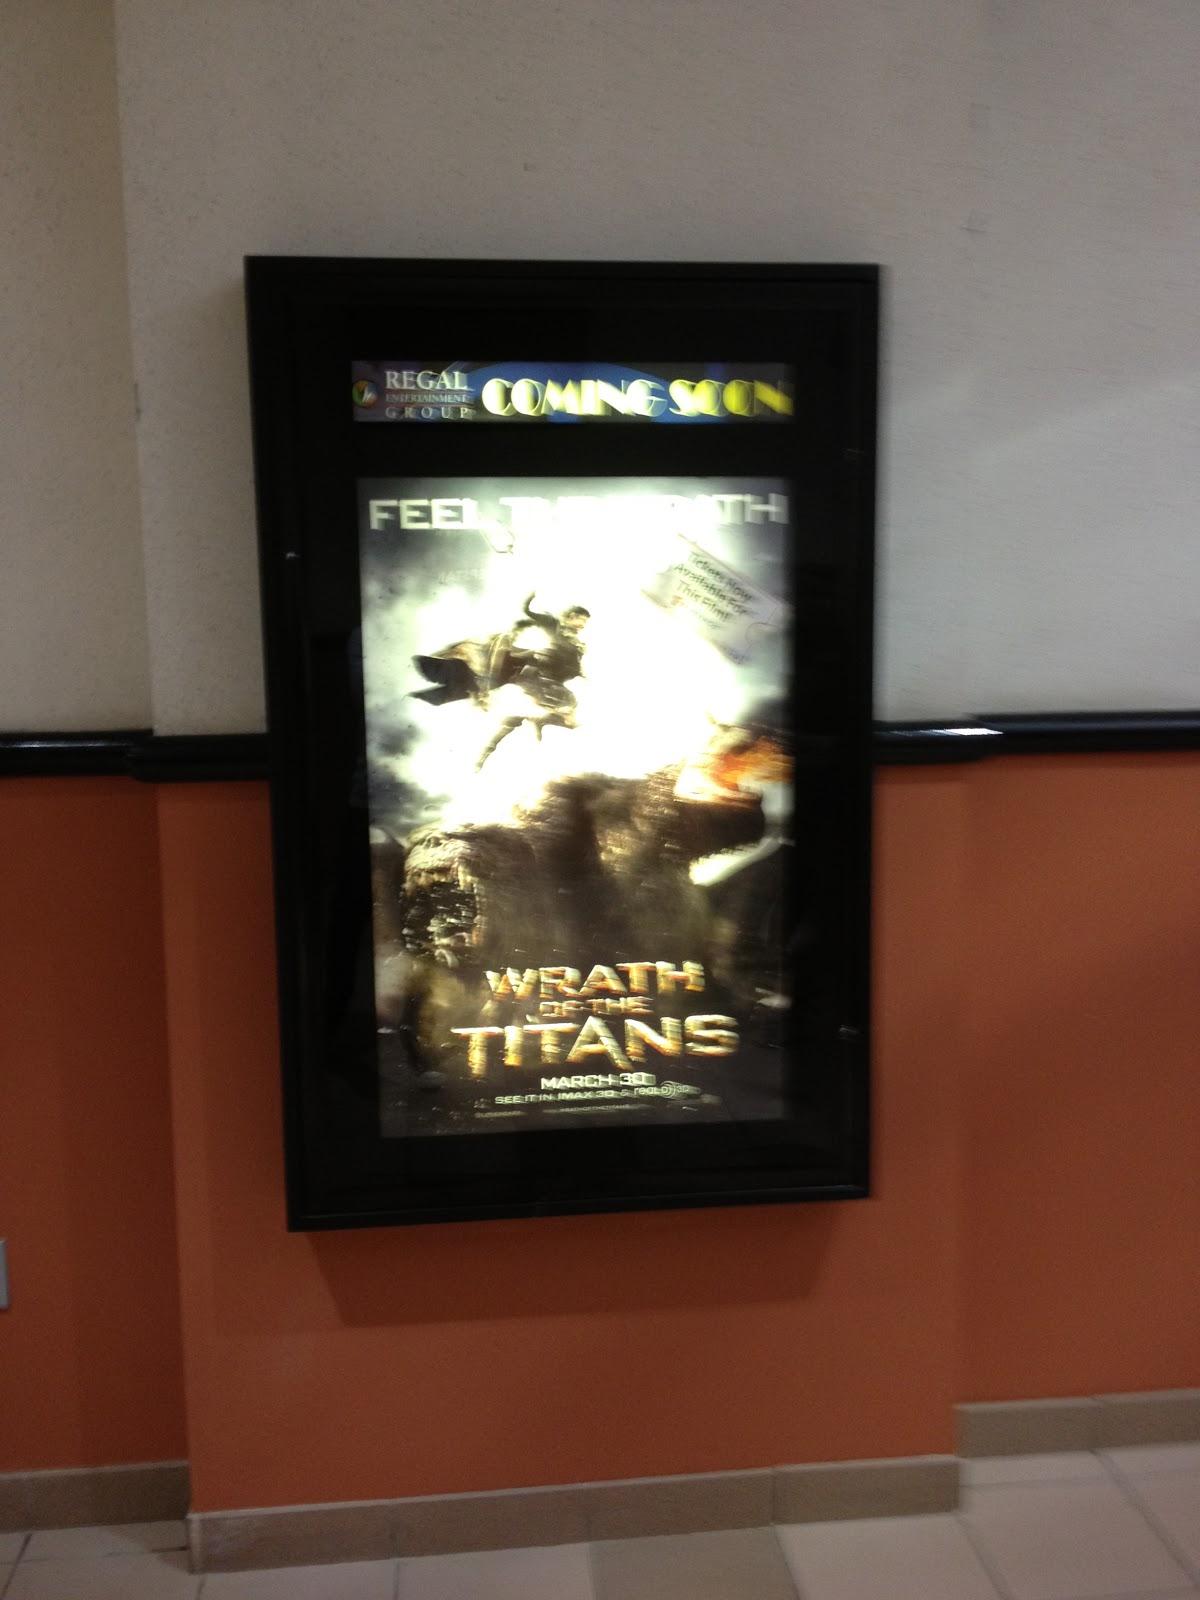 http://2.bp.blogspot.com/-FbIh02Aj8u0/T2wj1VbMNPI/AAAAAAAACWc/J6vFPbkyzRY/s1600/8+Wrath+of+the+Titans.JPG